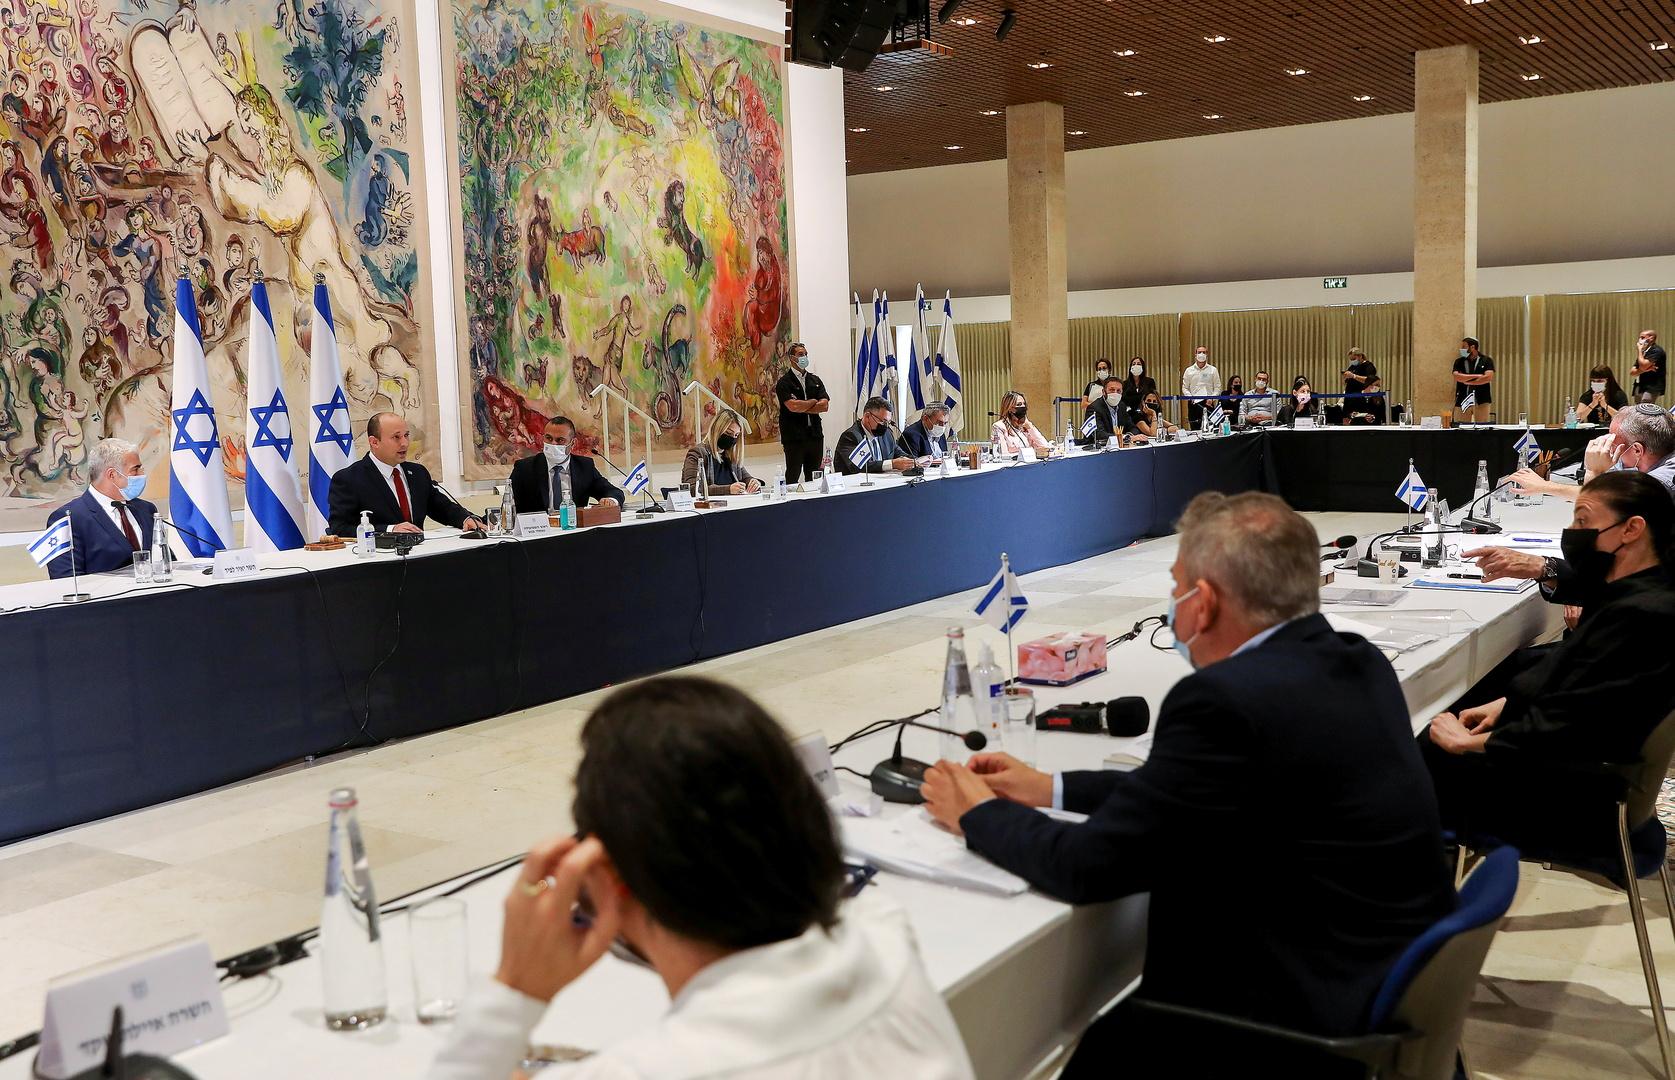 للمرة الأولى منذ 3 سنوات.. الحكومة الإسرائيلية تصدق على ميزانية الدولة